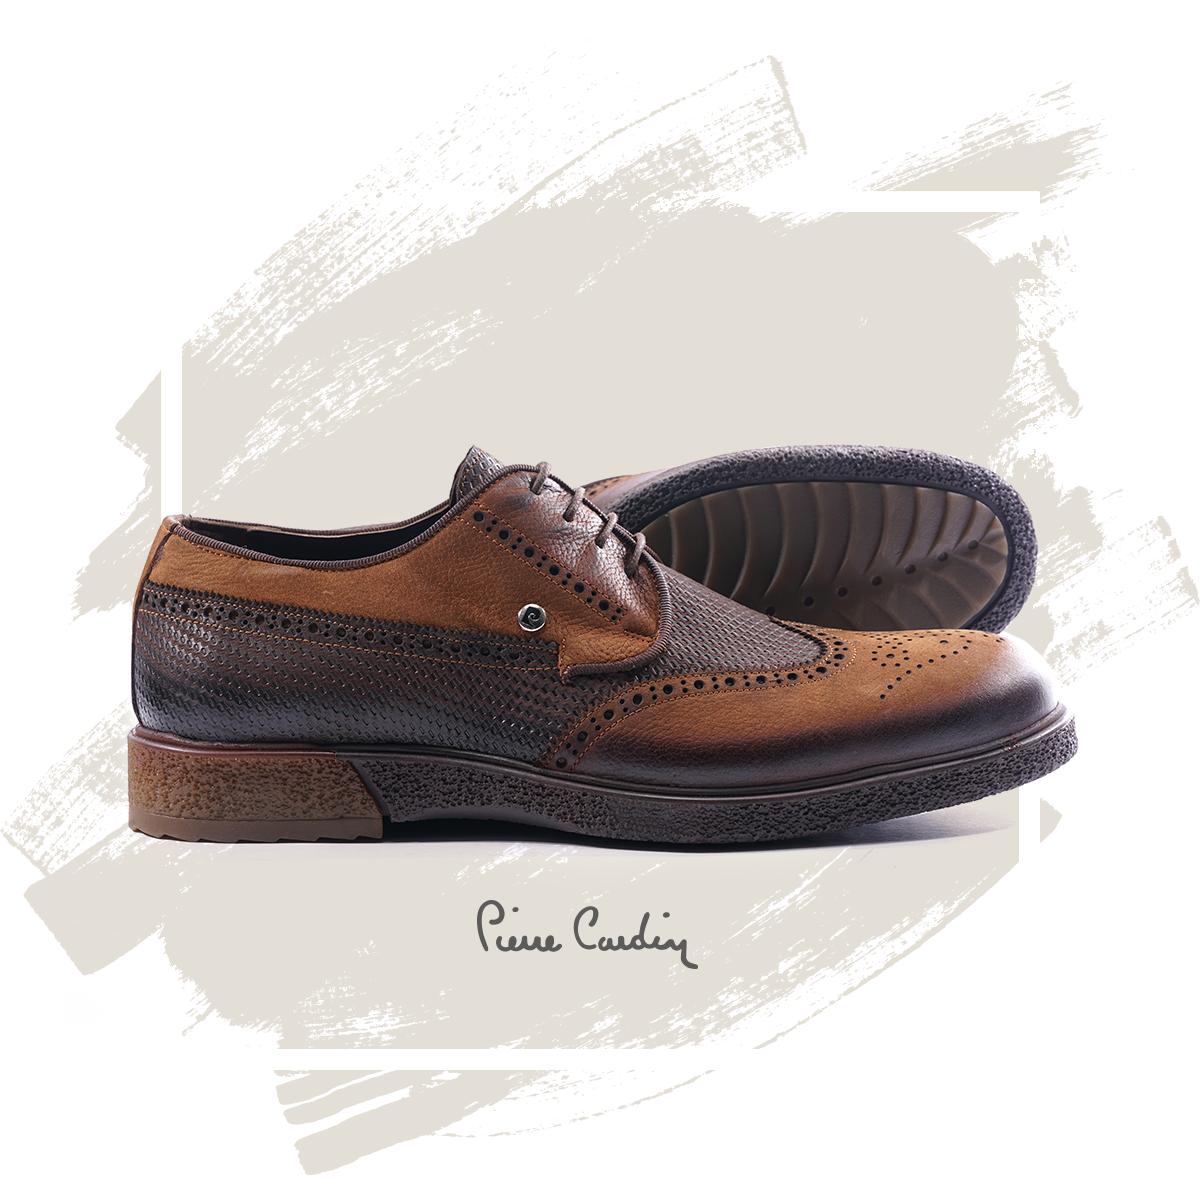 Pierre Cardin Den Kusursuz Tasarimlar Pierrecardin Ayakkabi Siltab Shoes Manstyle Style Shoekutu Erkek Ayakkabi Erkek Erkek Ayakkabilari Pierre Cardin